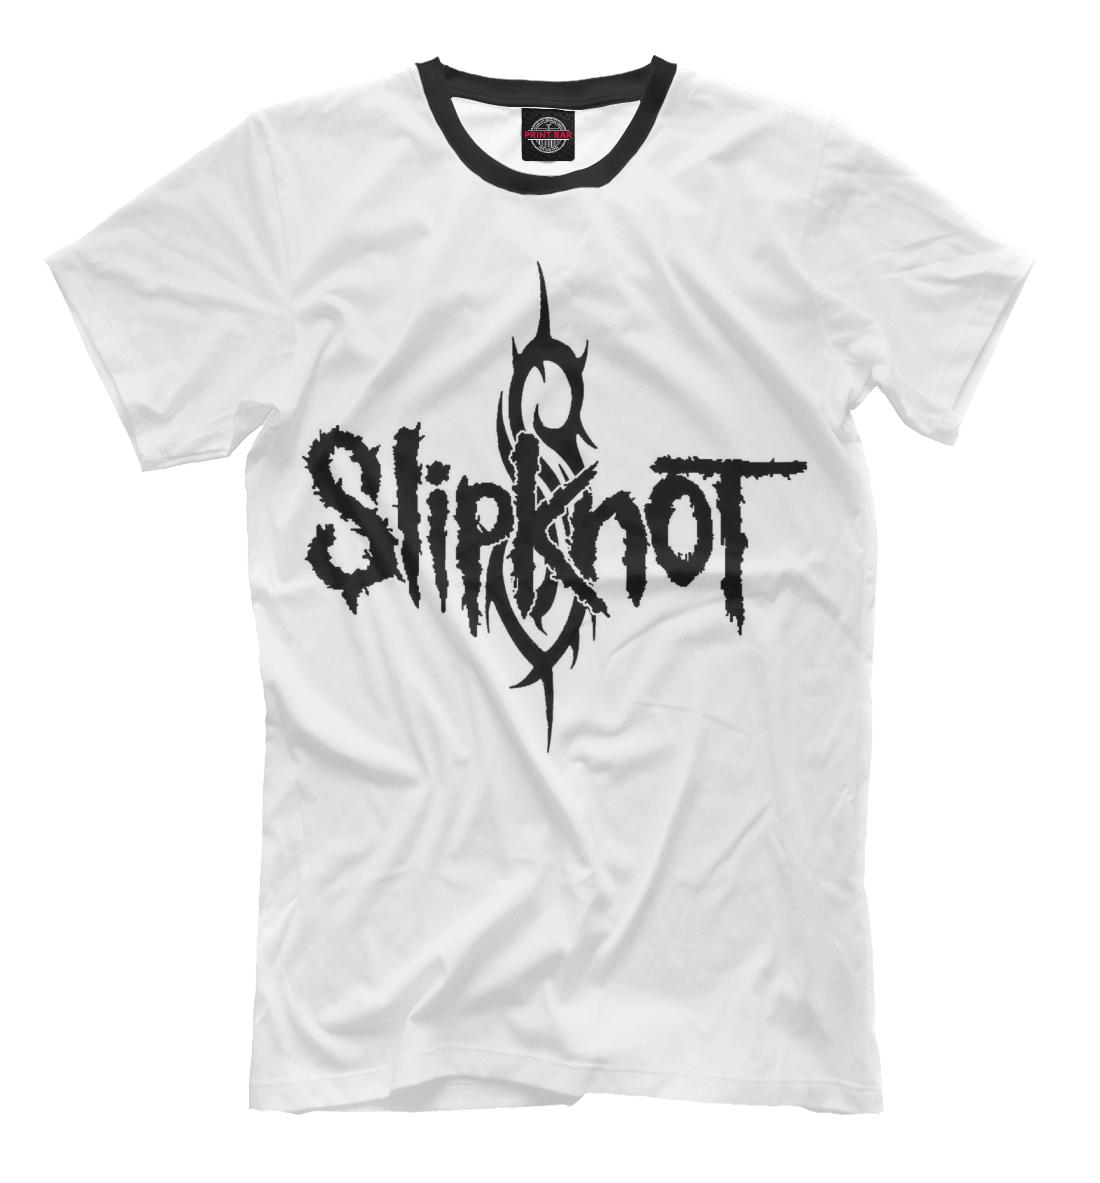 Купить Футболка для мальчиков Slipknot SLI-202105-fut-2